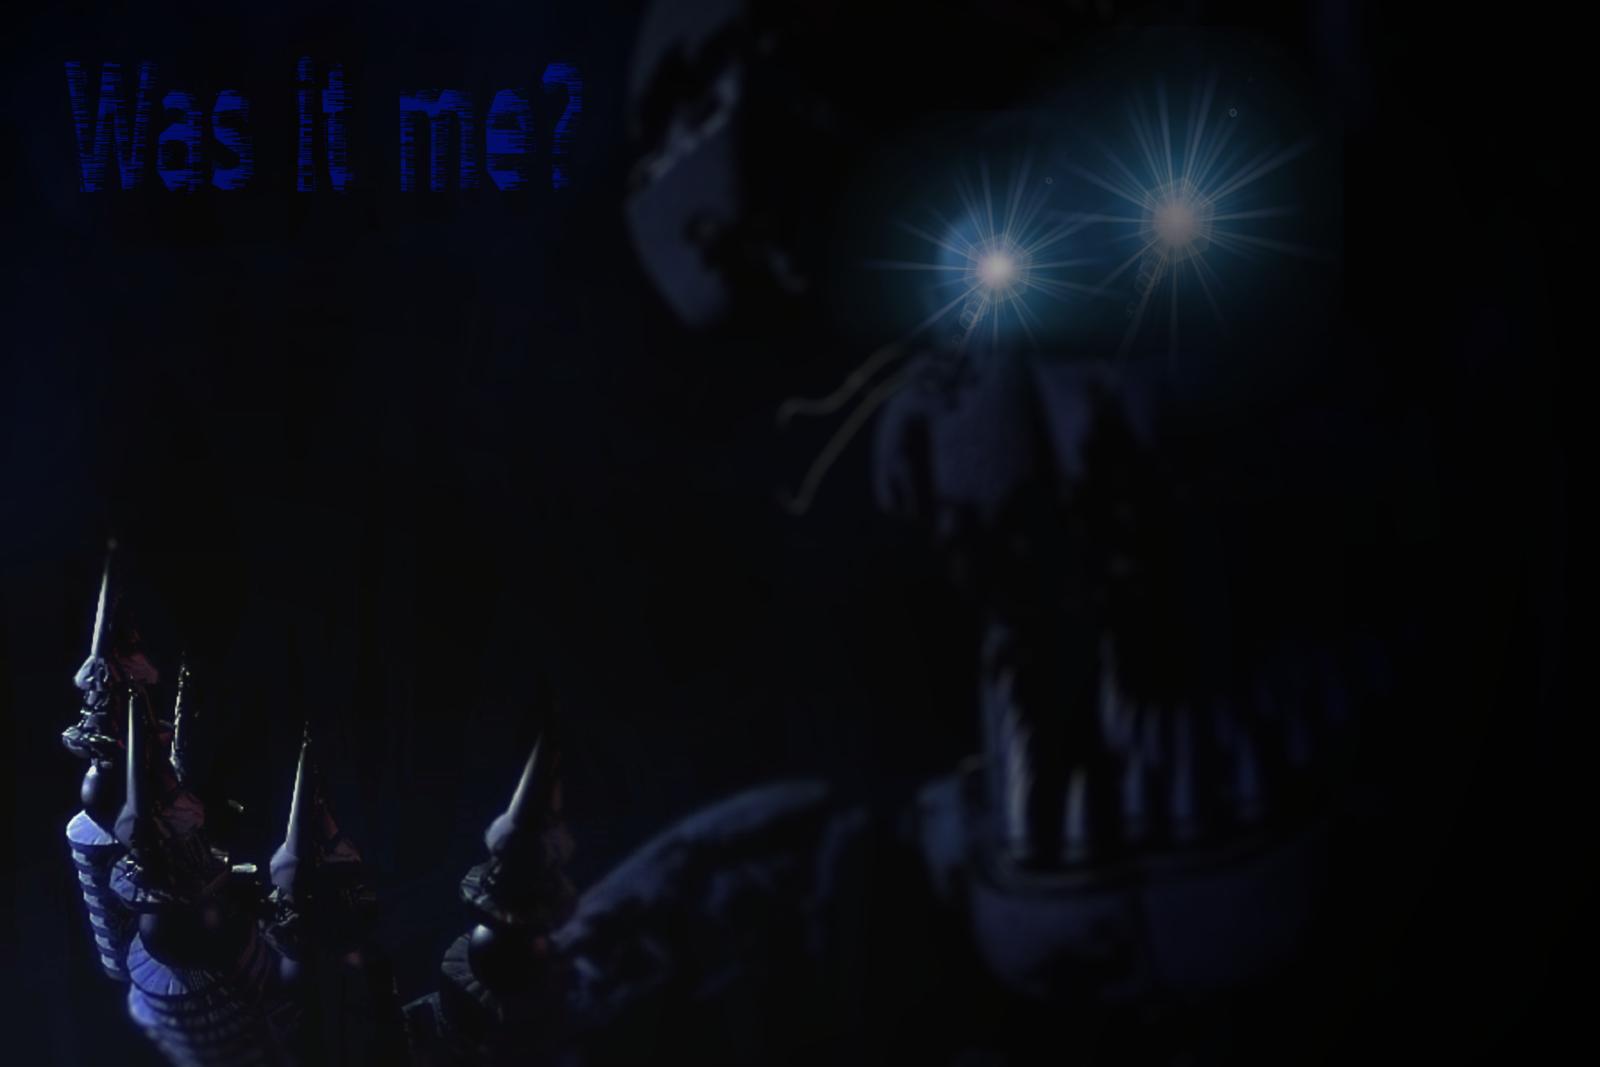 FNAF4   Nightmare Bonnie WALLPAPER 2 by DarkVidenge 1600x1067